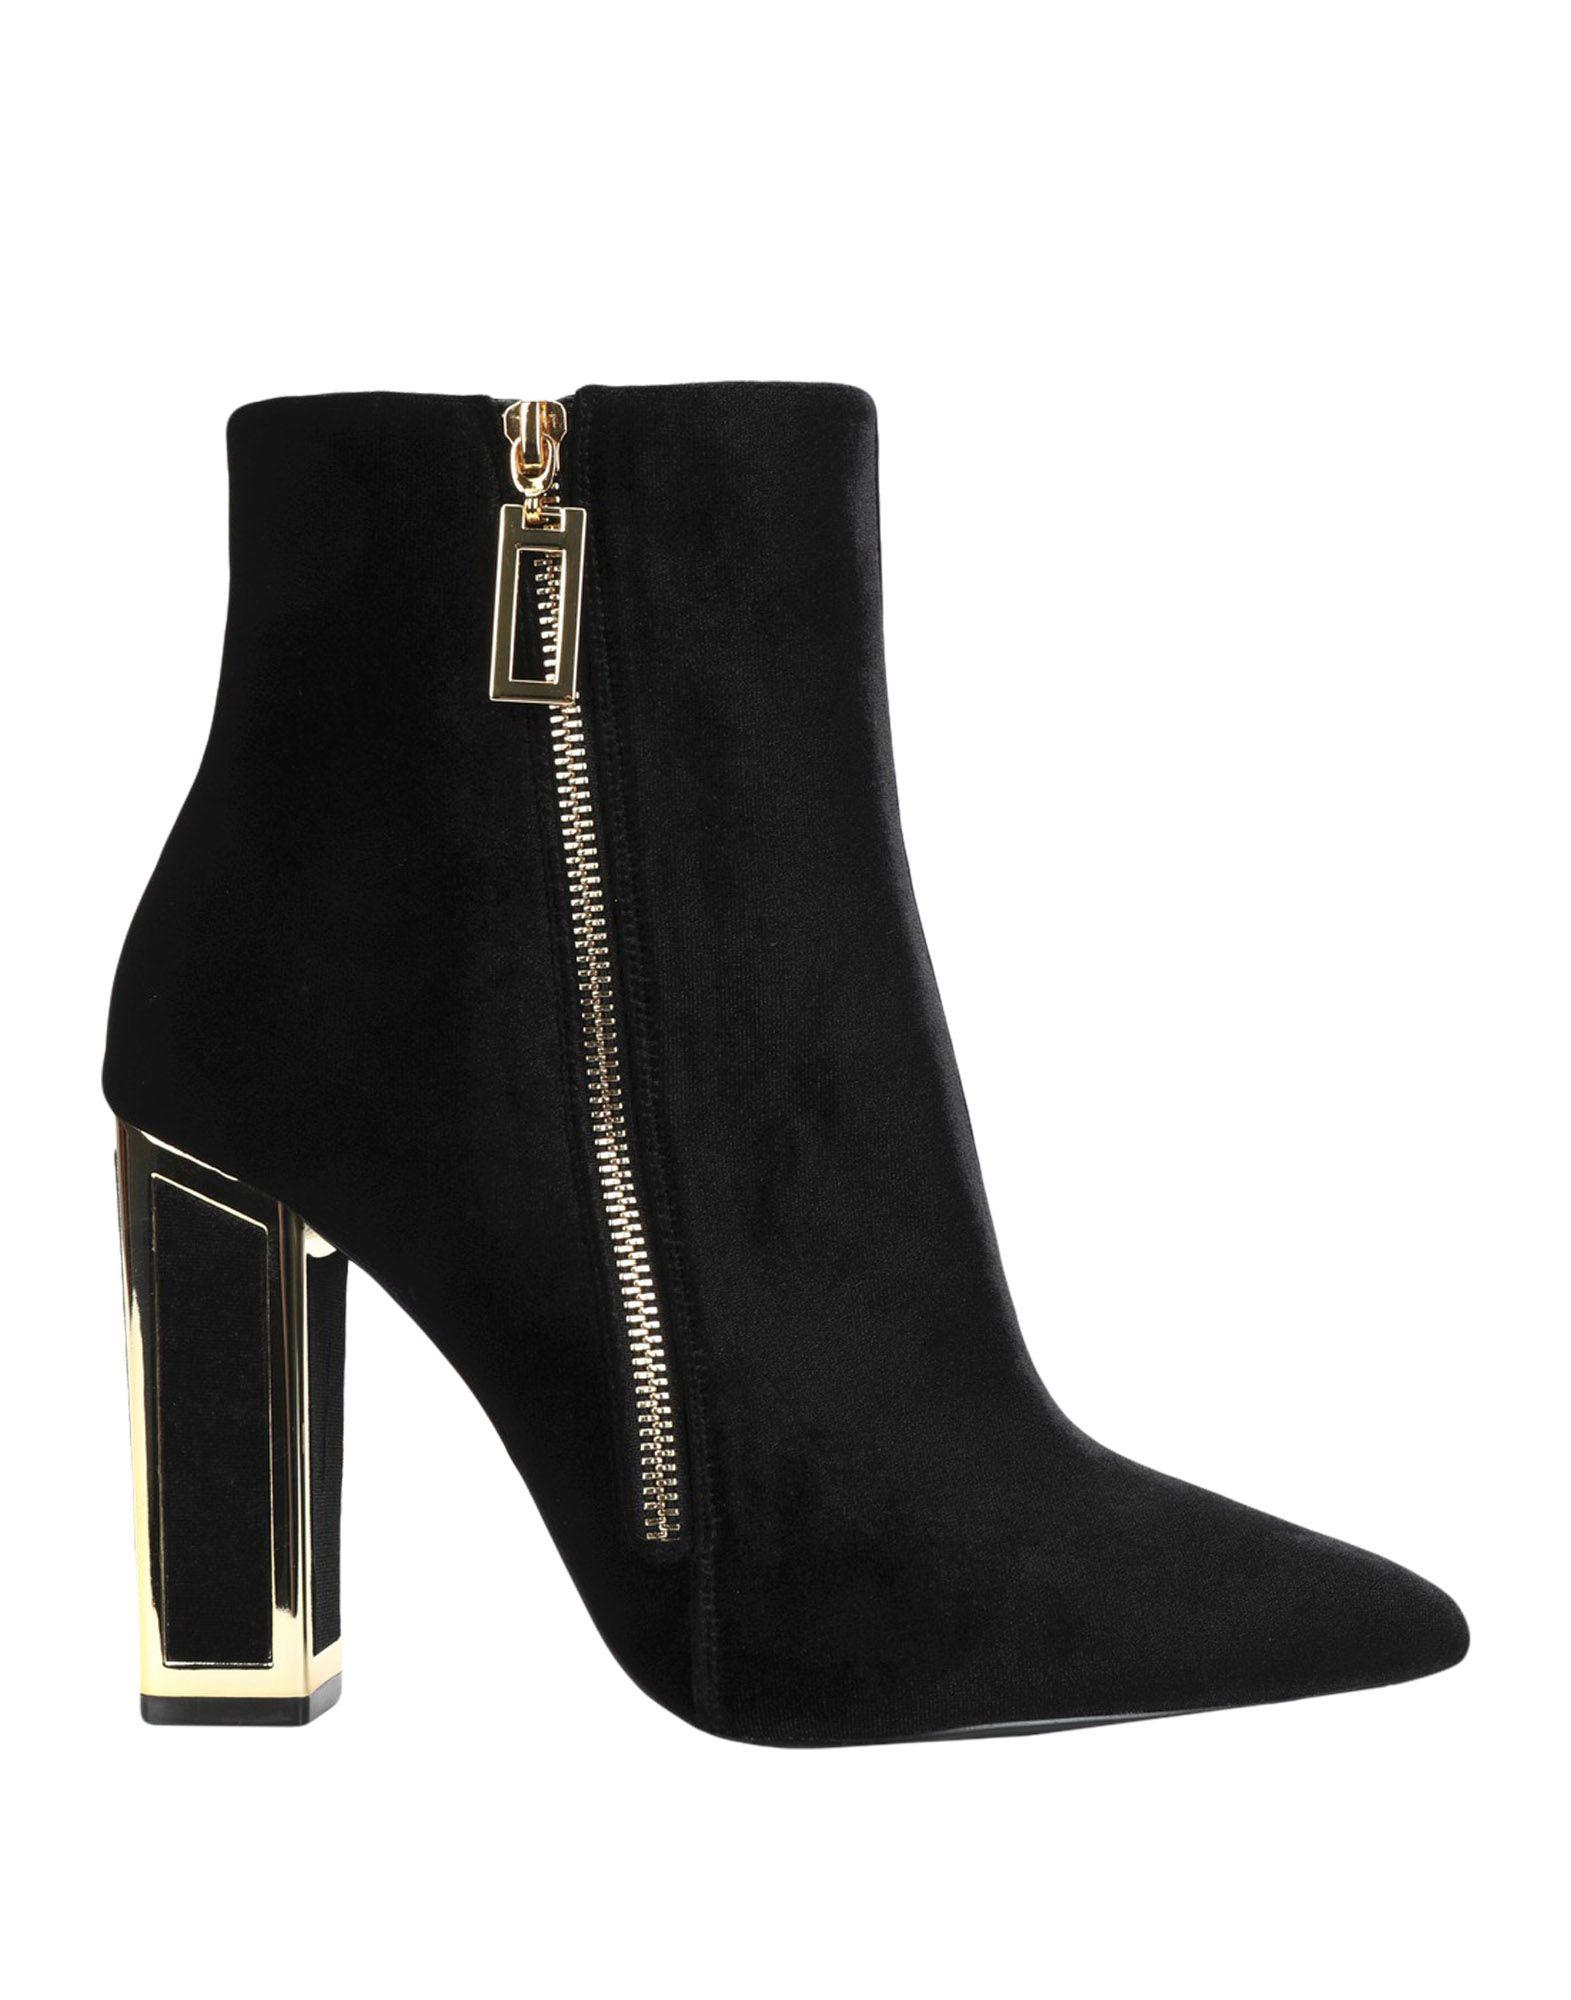 Kat Maconie Ankle boot